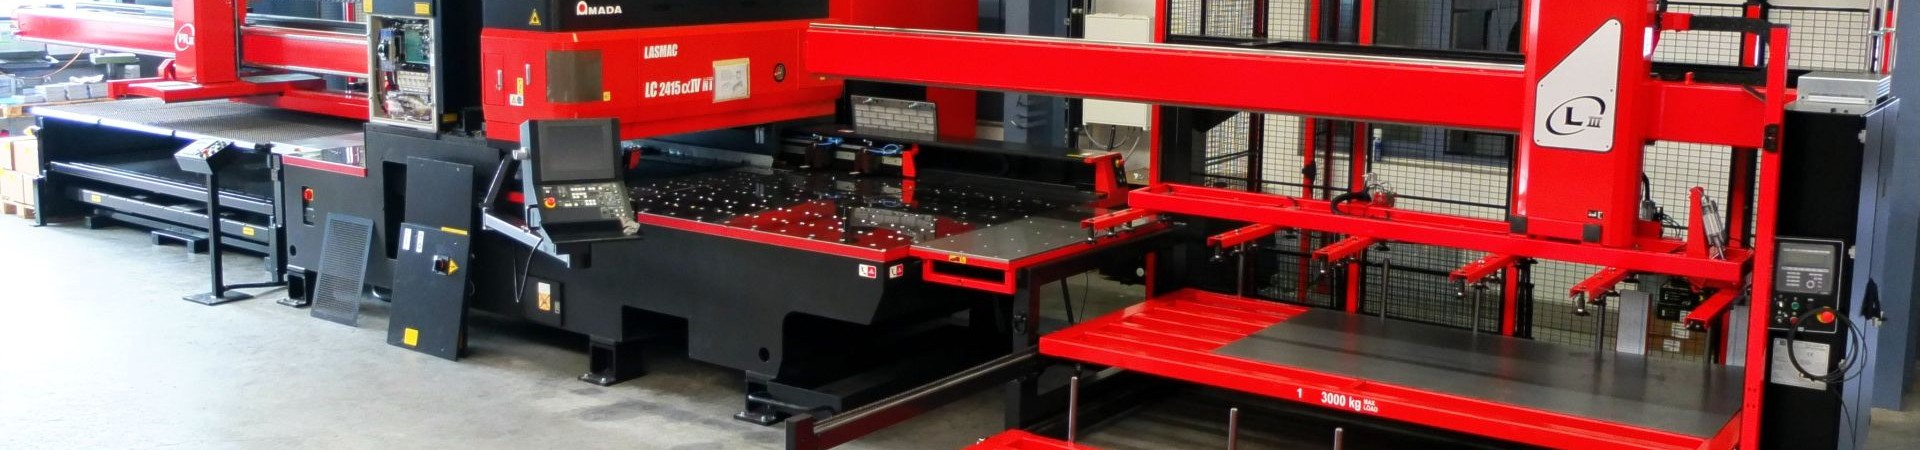 Automatisierte Laserschneidanlage